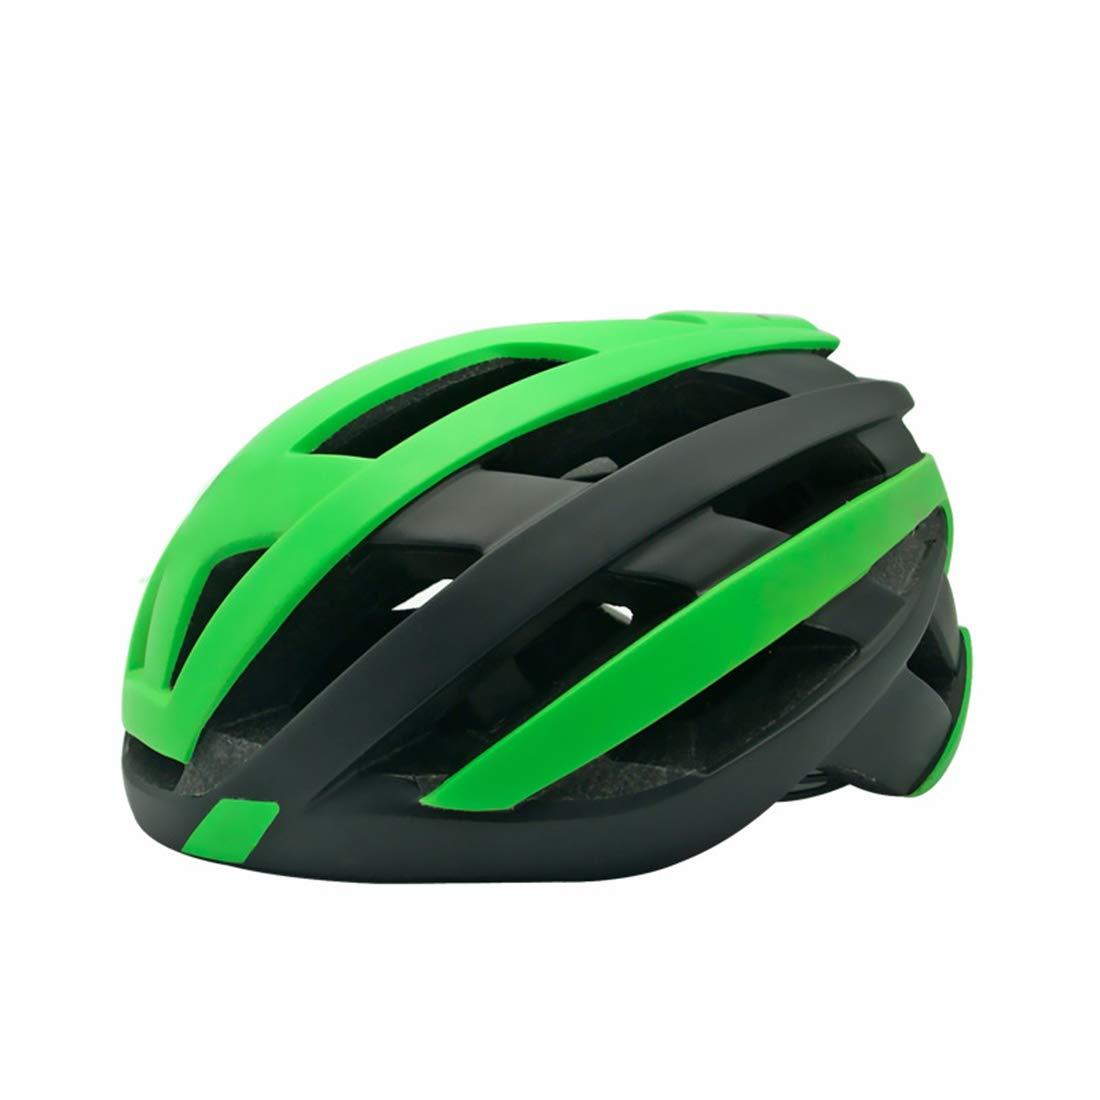 CAFUTY 屋外ライディングヘルメット、ポータブル安全ヘルメット、適用範囲:屋外サイクリング愛好家向けアダルト (Color : オレンジ, サイズ : L) Large オレンジ B07PLDMVV8